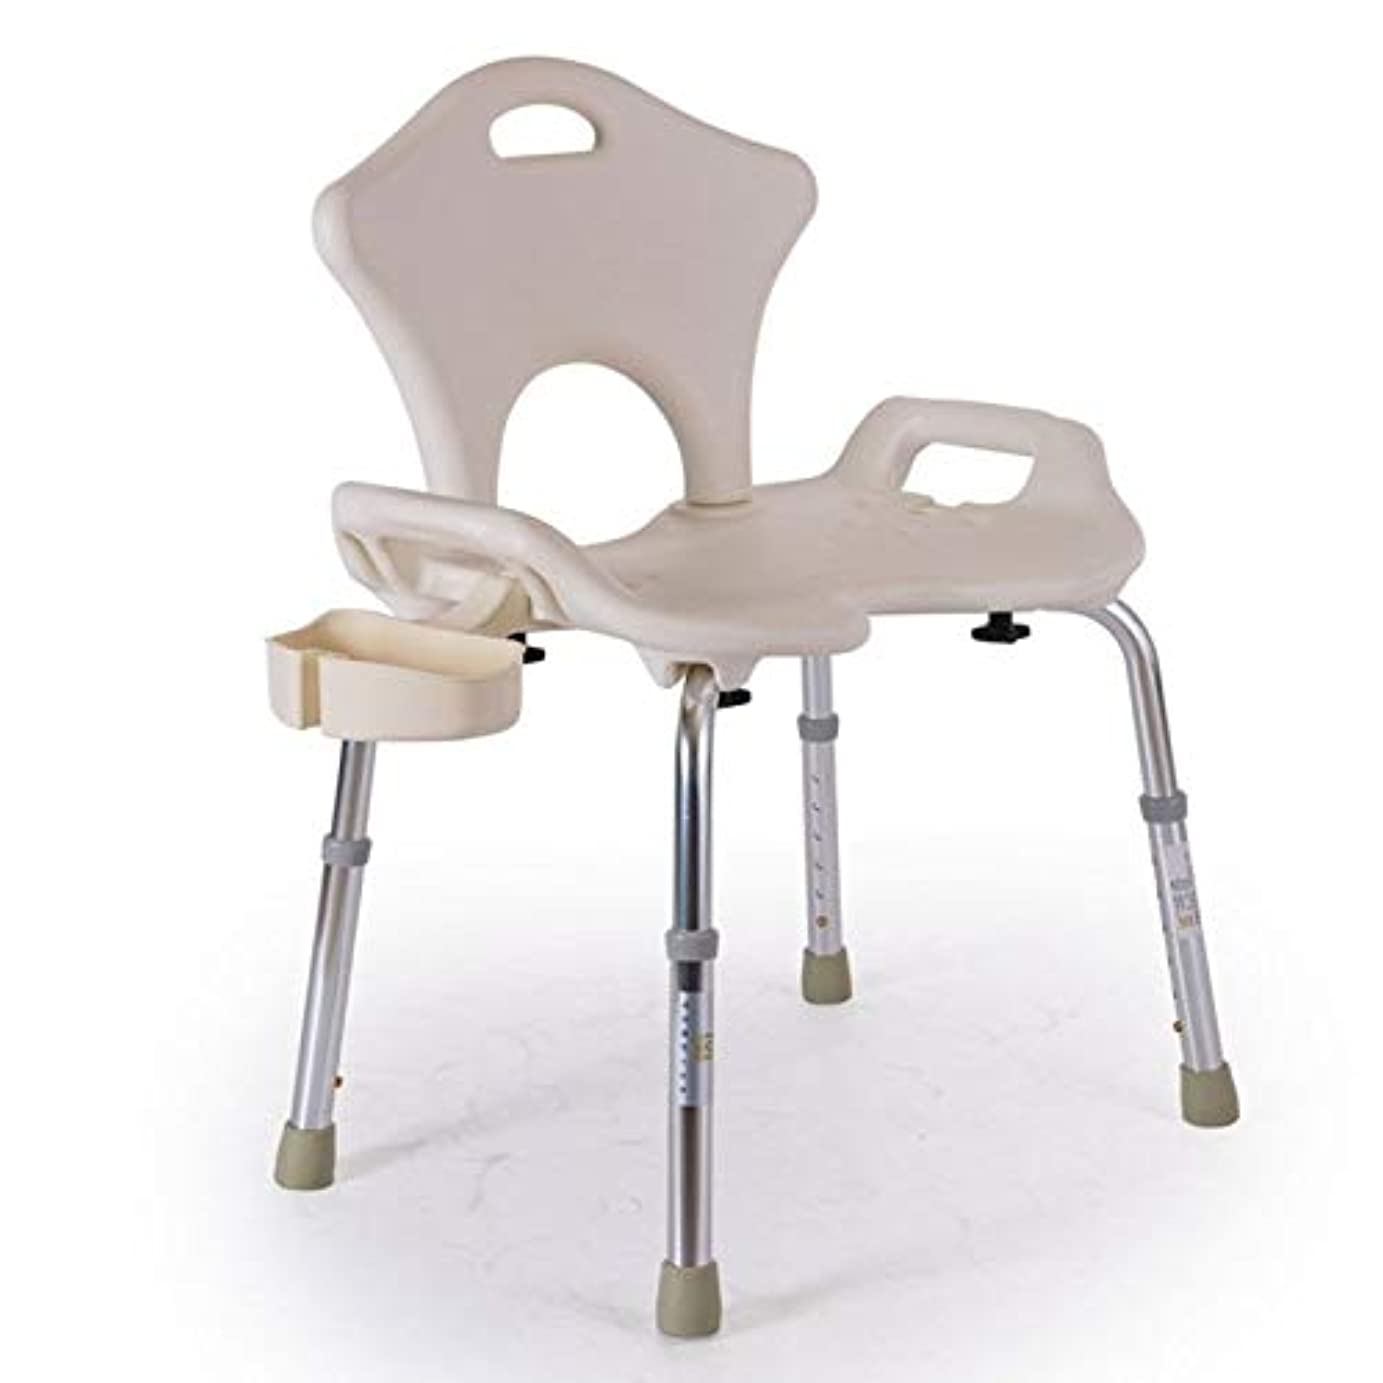 精神的に狂乱インシデント浴室の椅子、アルミニウム合金の折り畳み式滑り止め風呂椅子